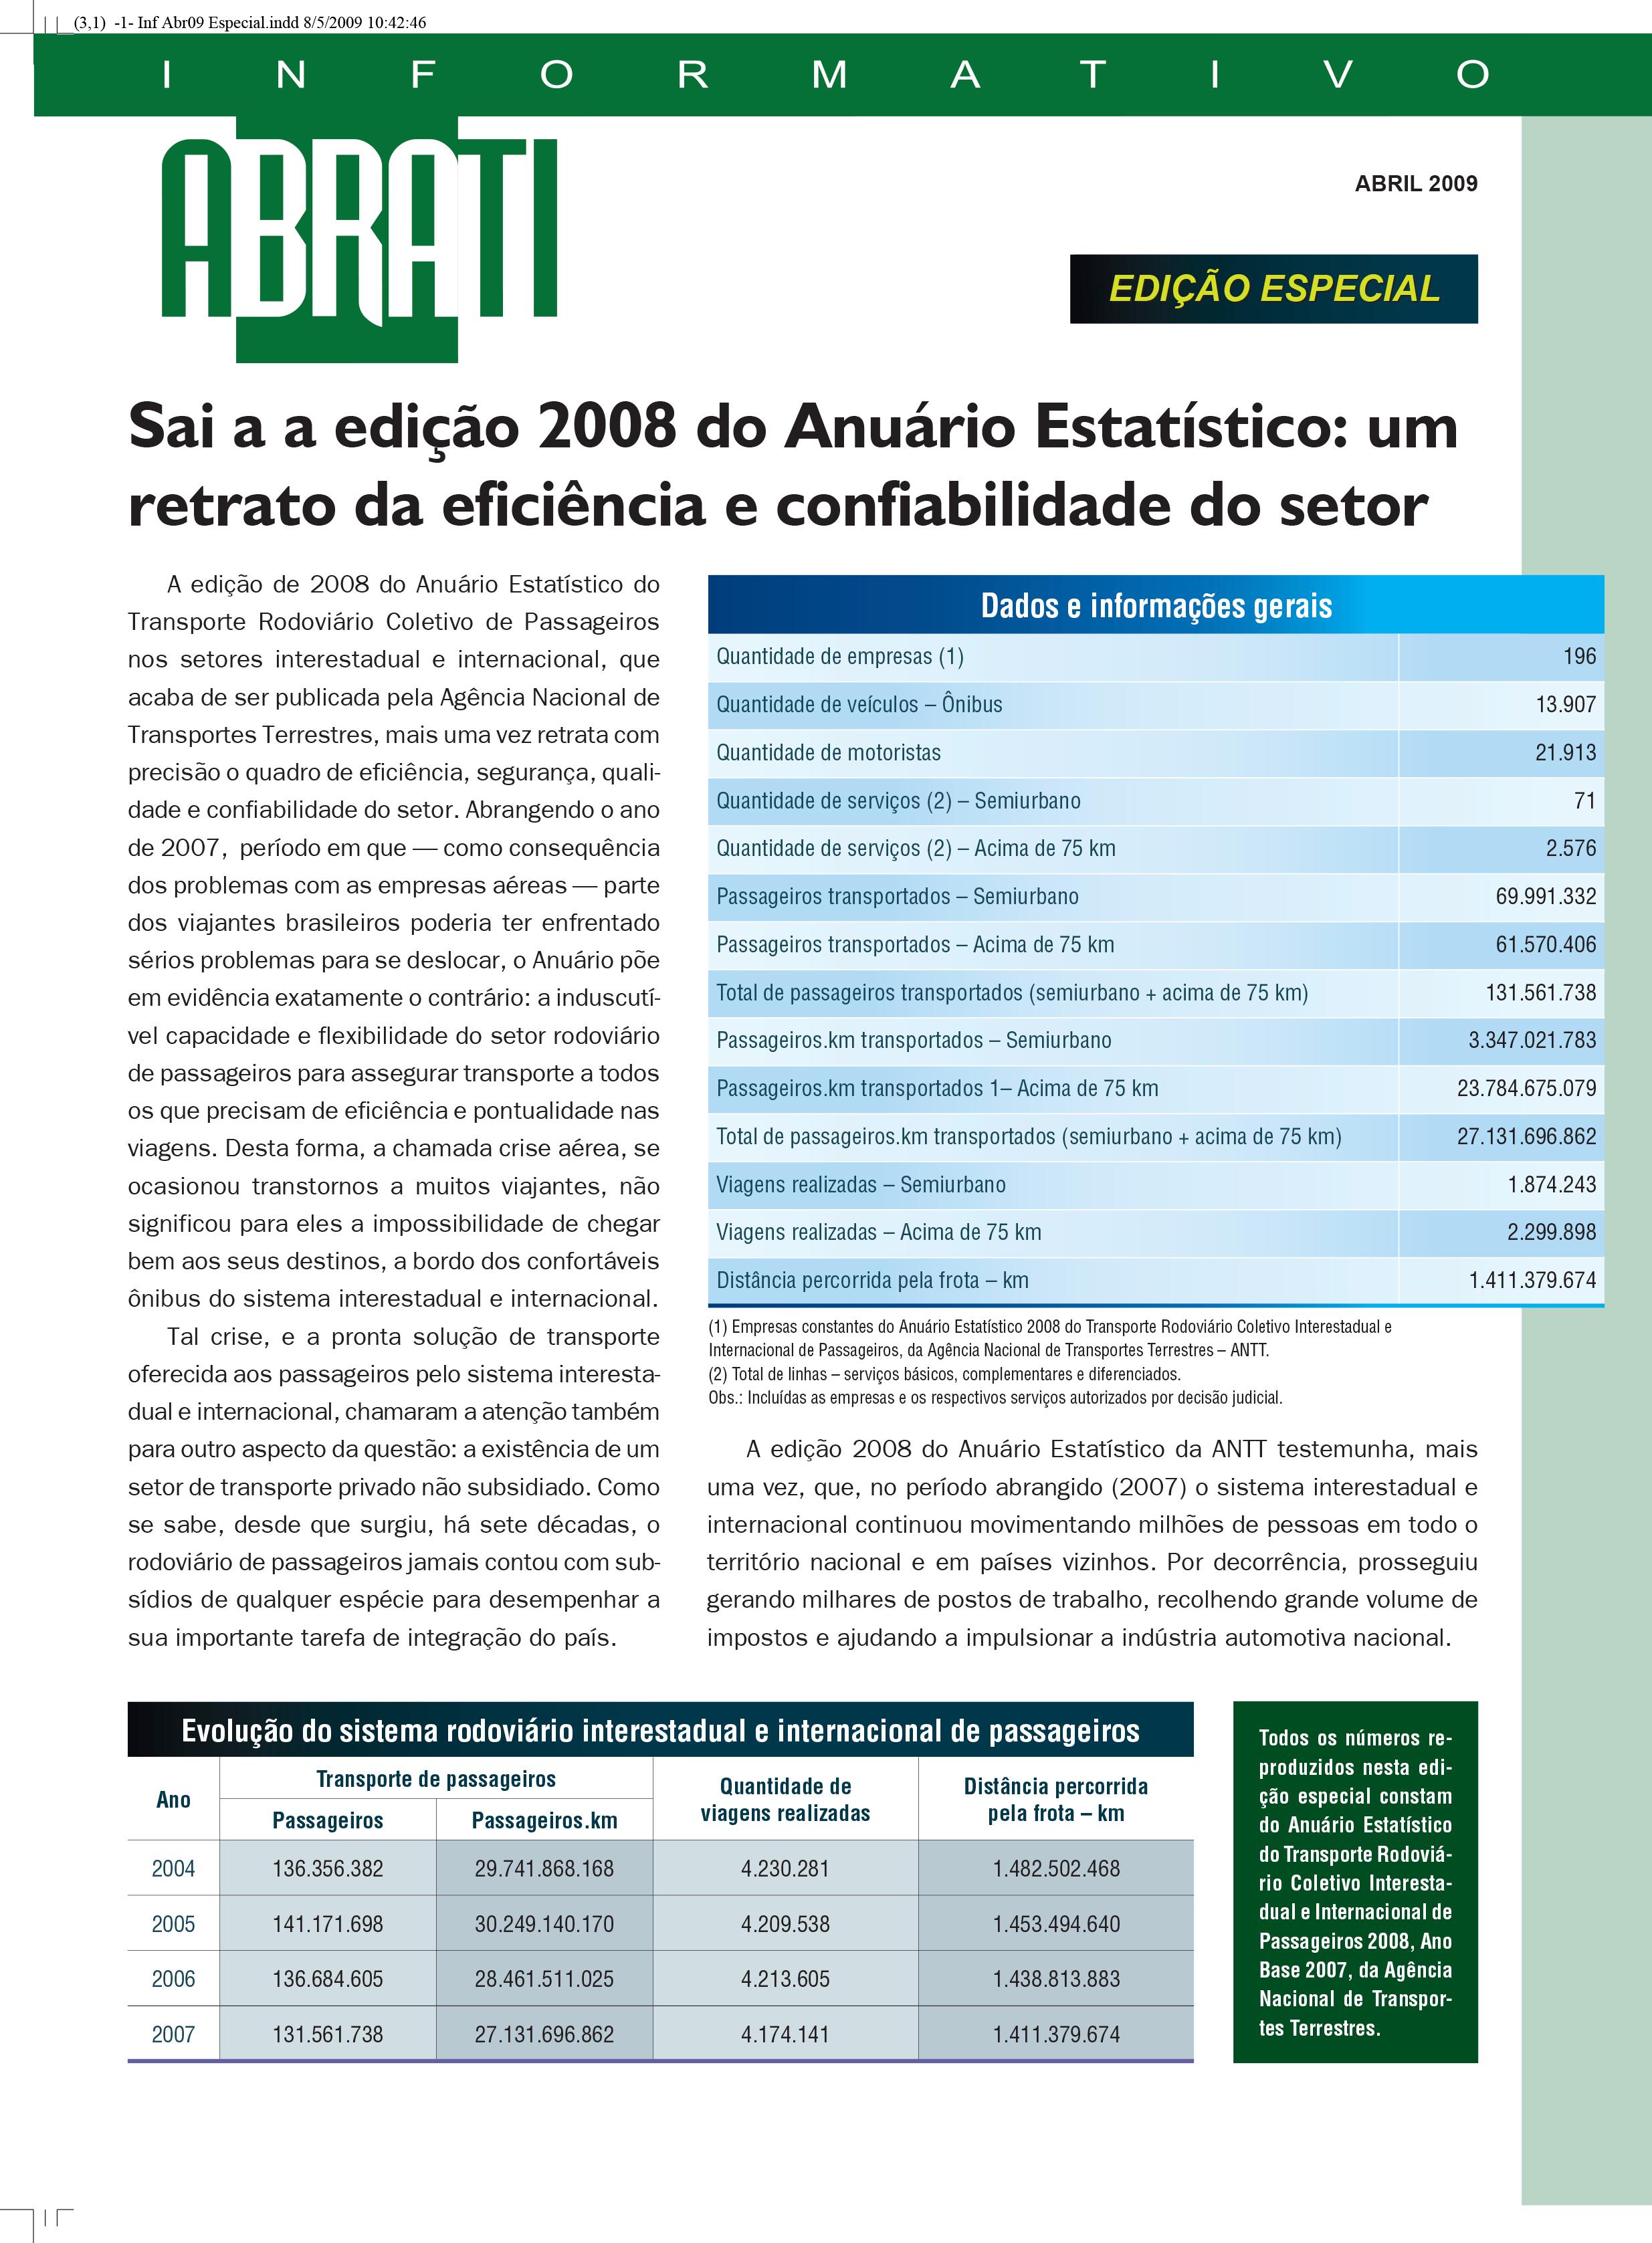 Informativo Especial Abril 2009